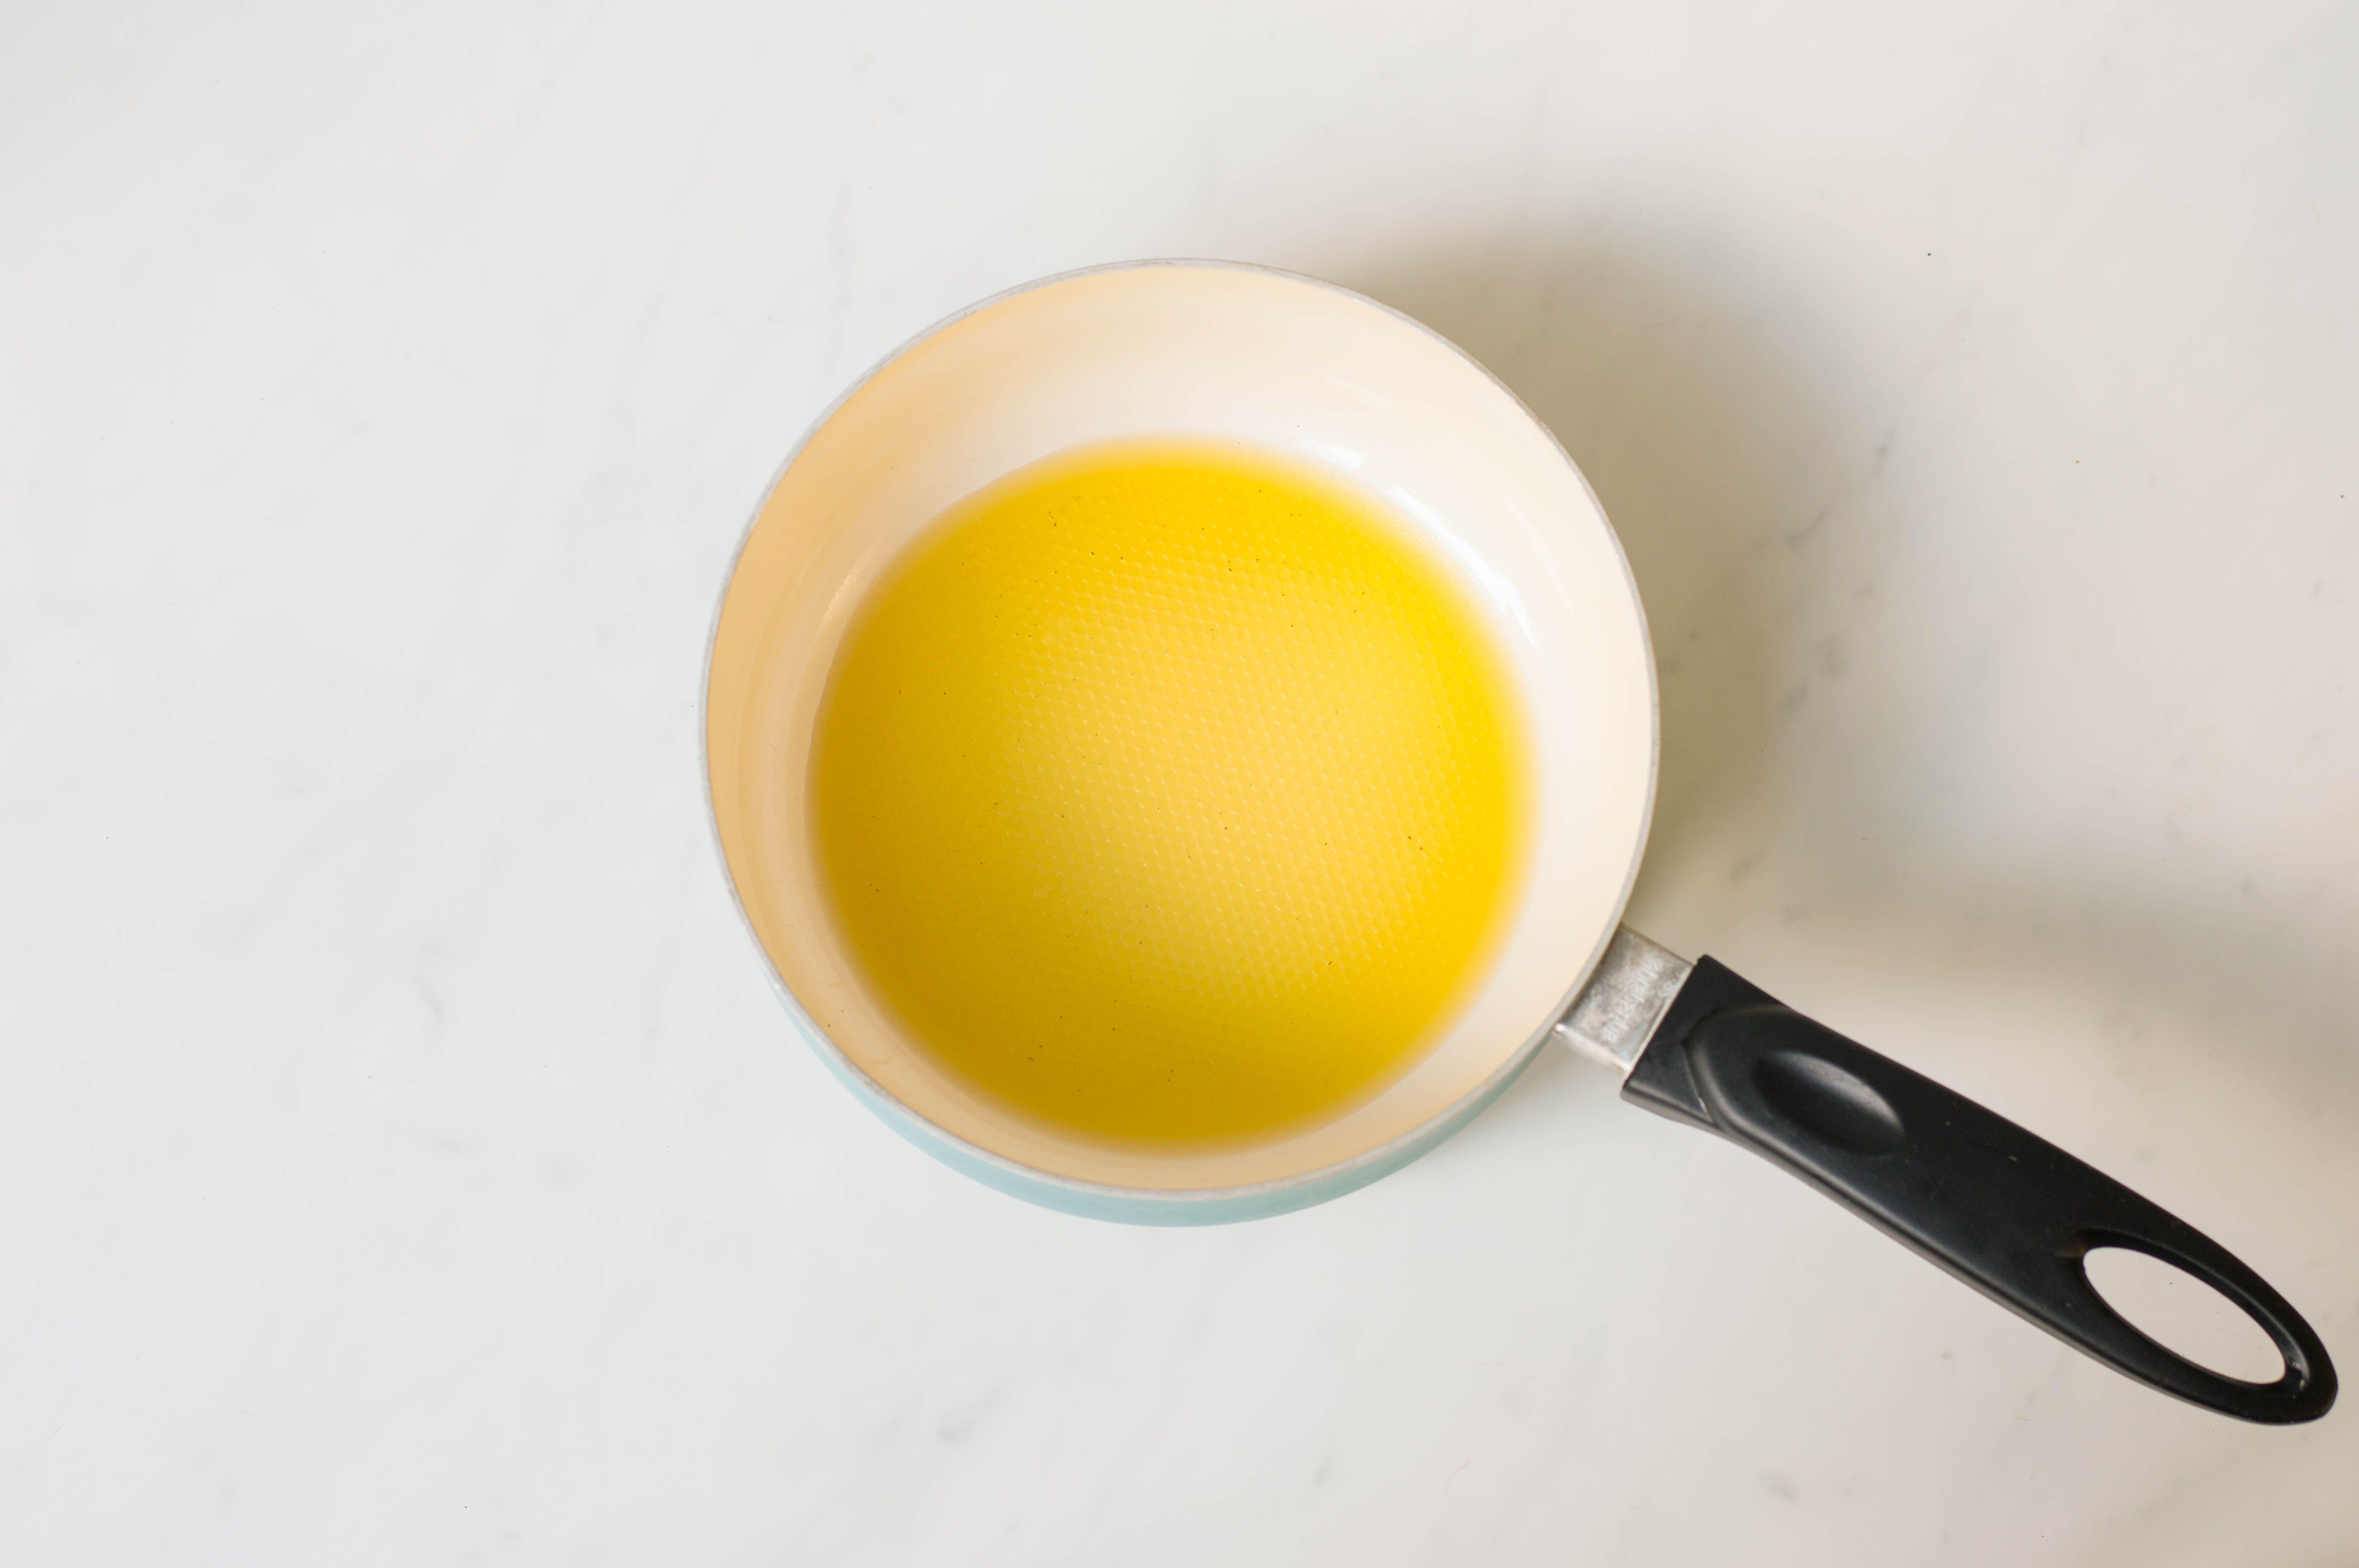 Vegetable oil in saucepan